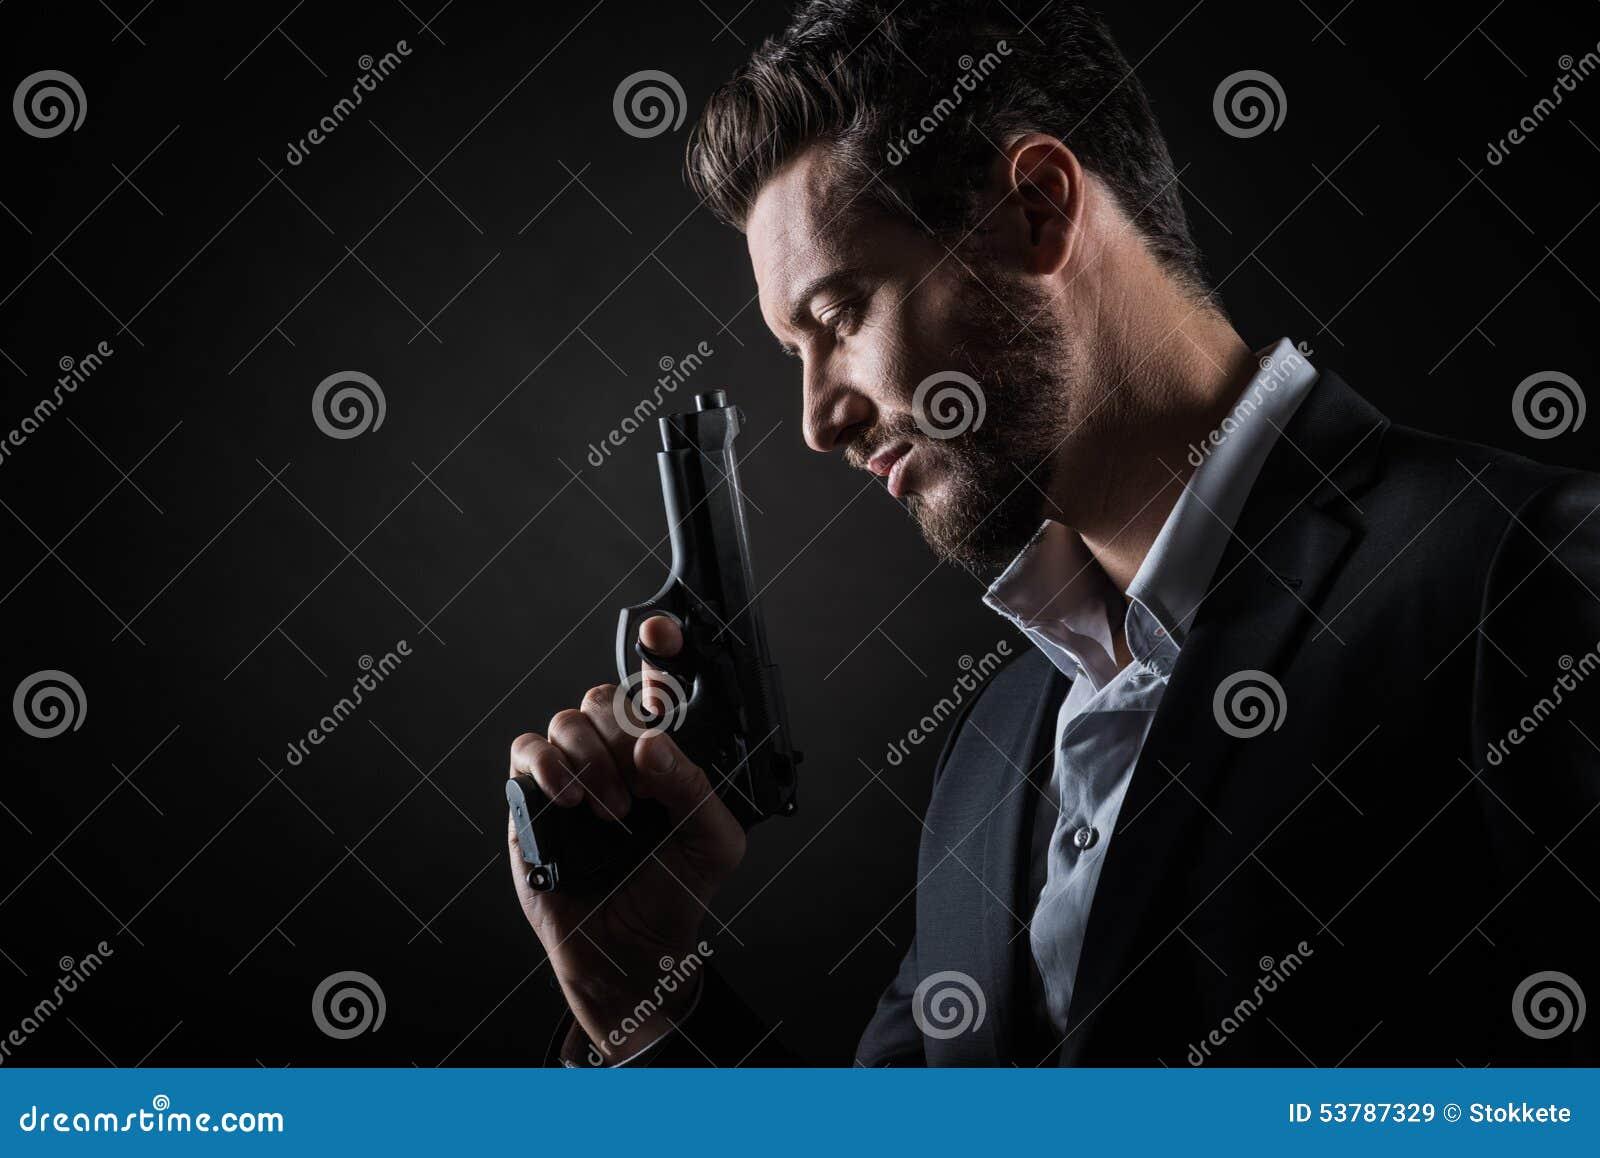 Stawia czoło mężczyzna z pistolecikiem